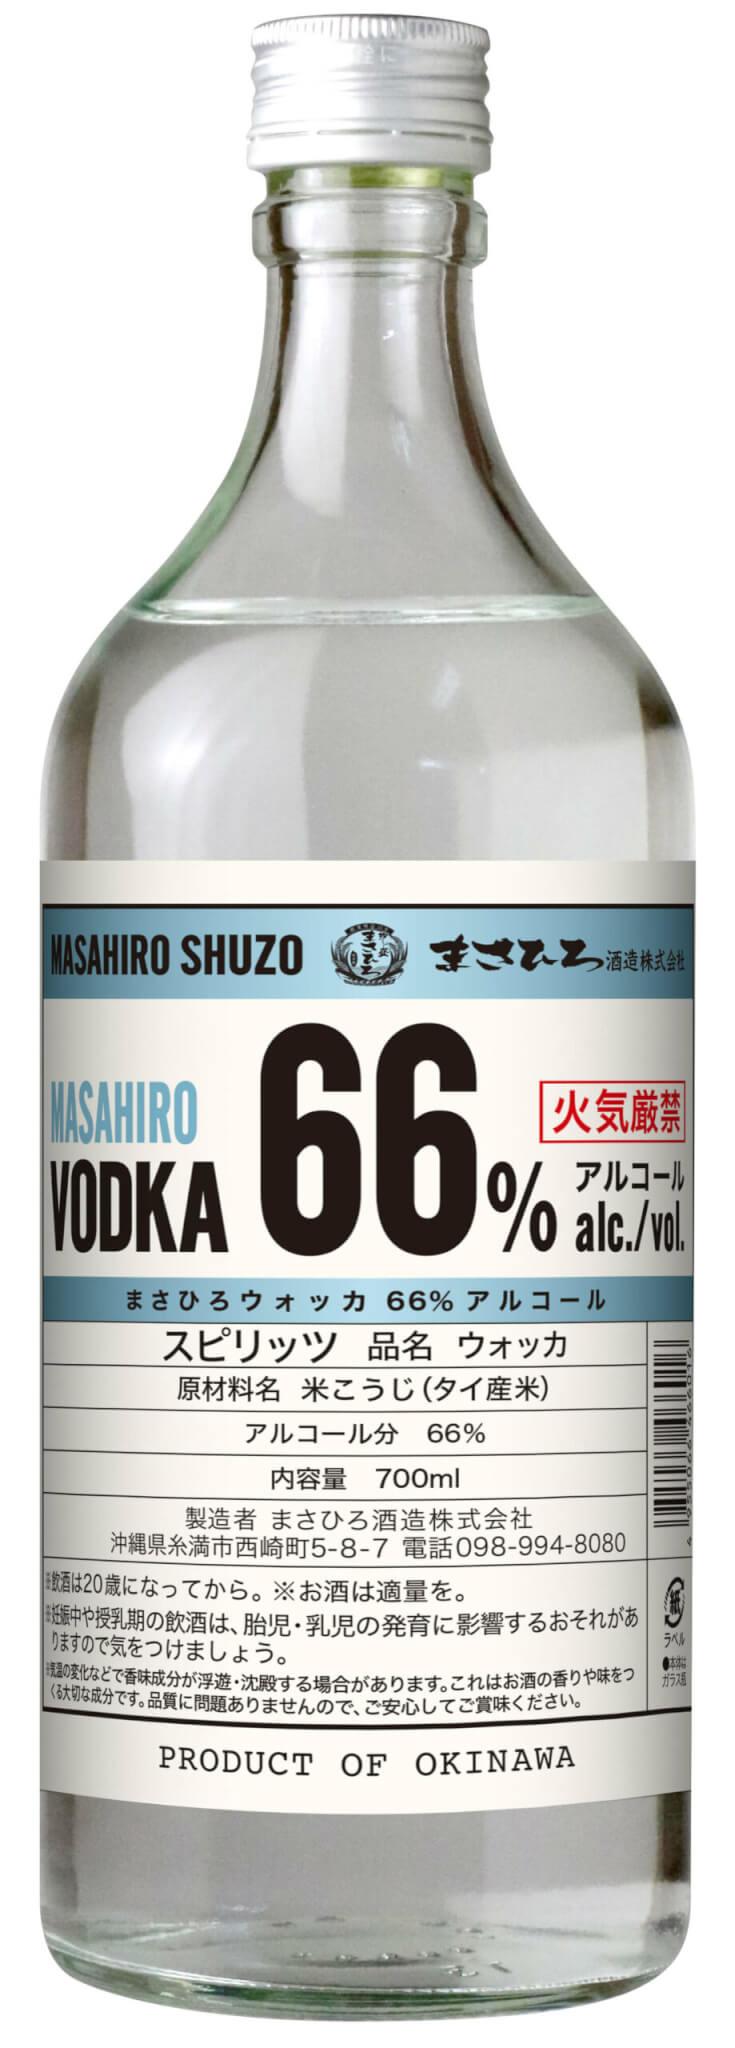 まさひろウォッカ66%アルコール